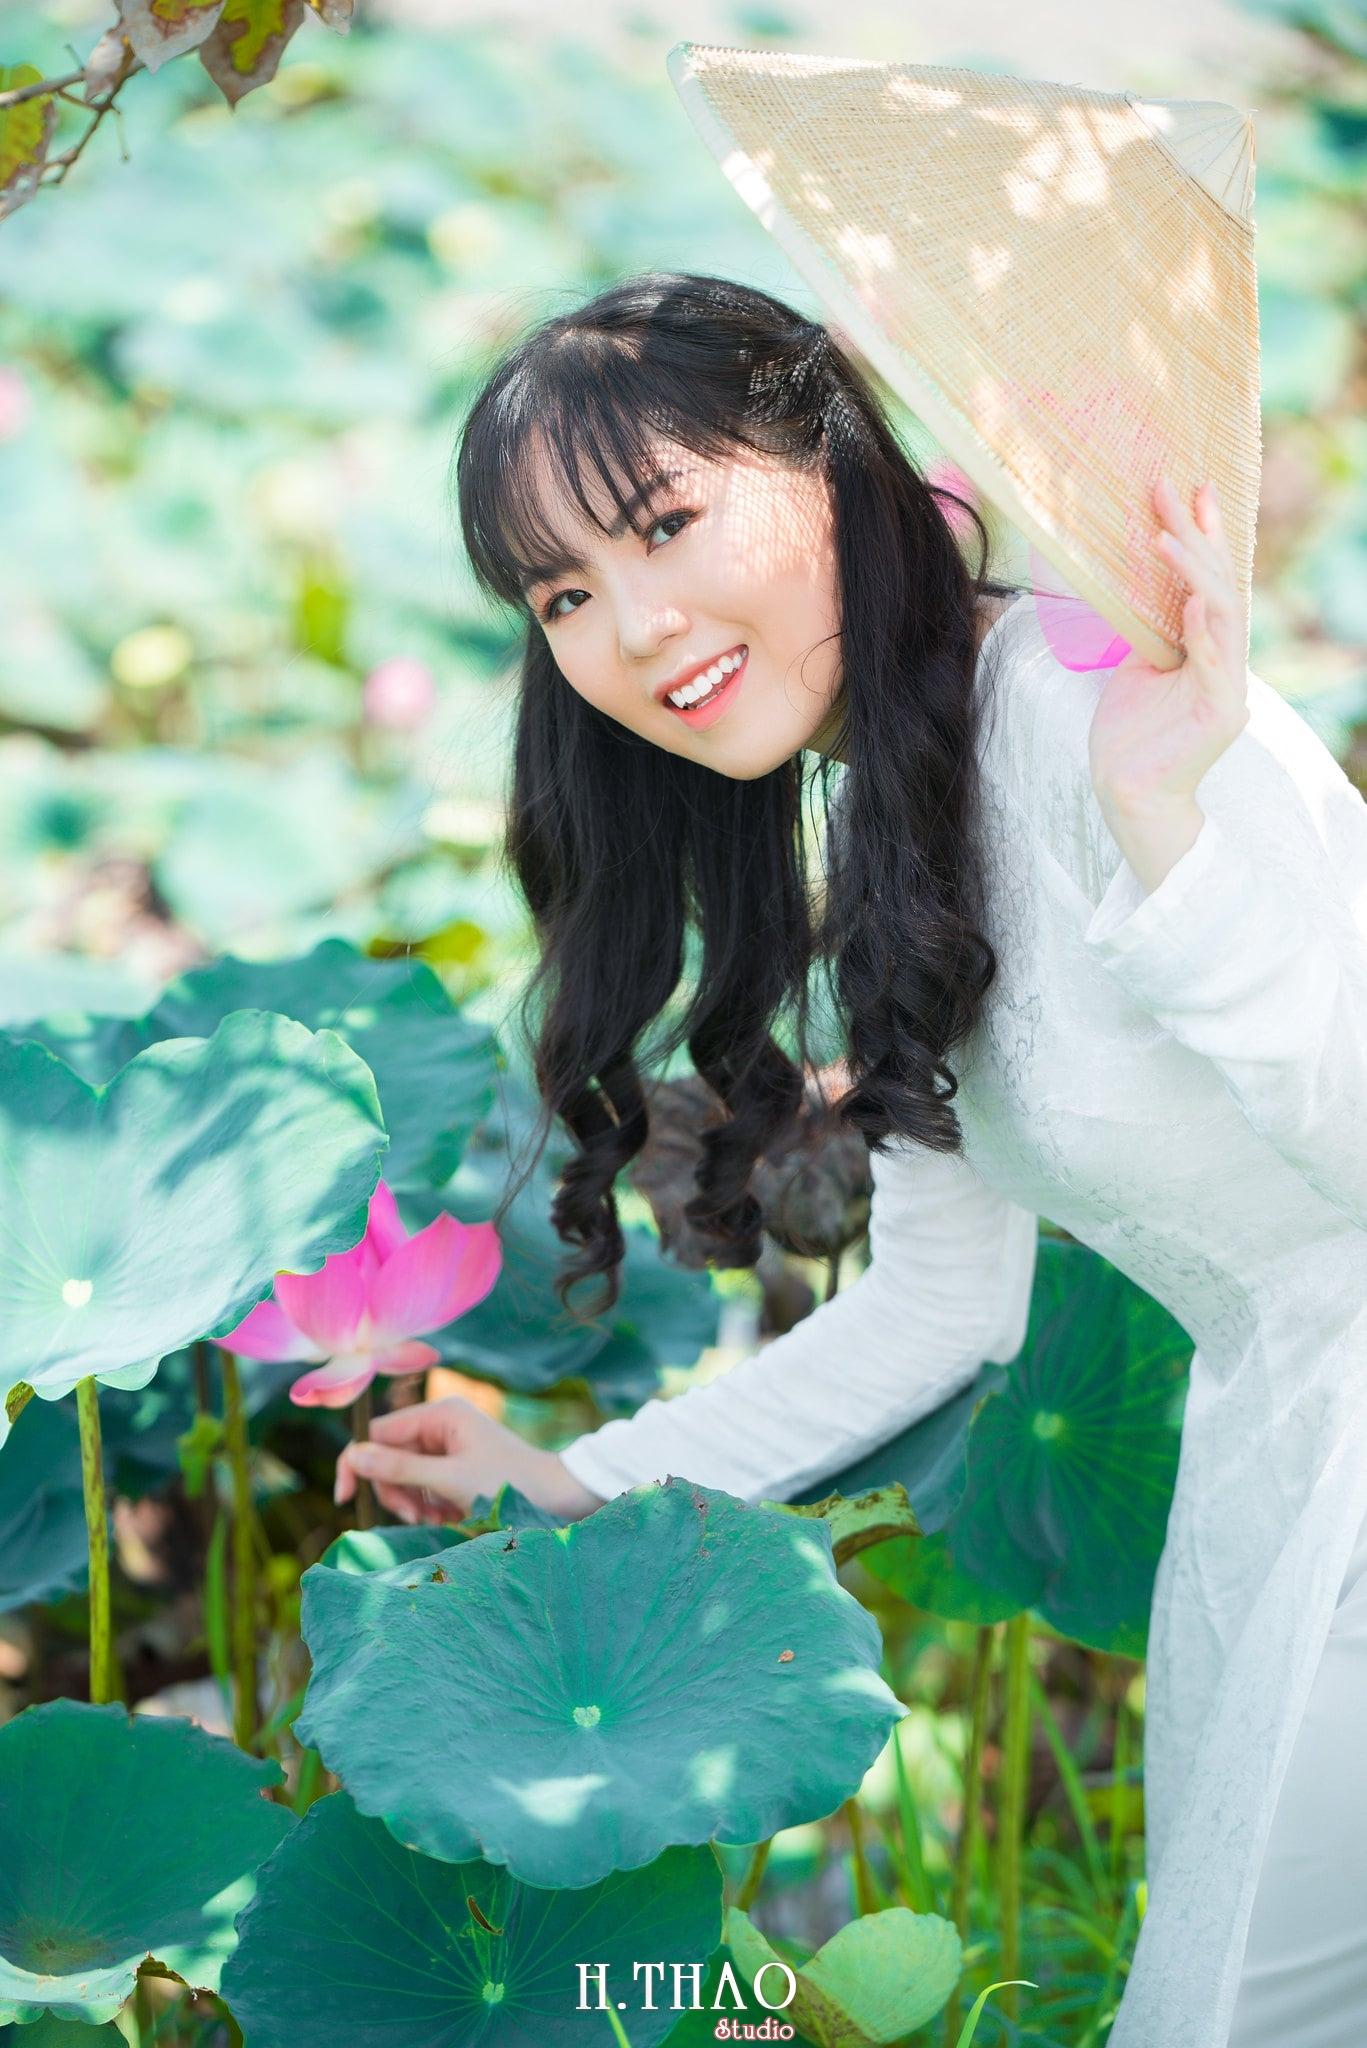 nh áo dài hoa sen 32 - Góc ảnh thiếu nữ áo dài bên hoa sen đẹp tinh khôi- HThao Studio